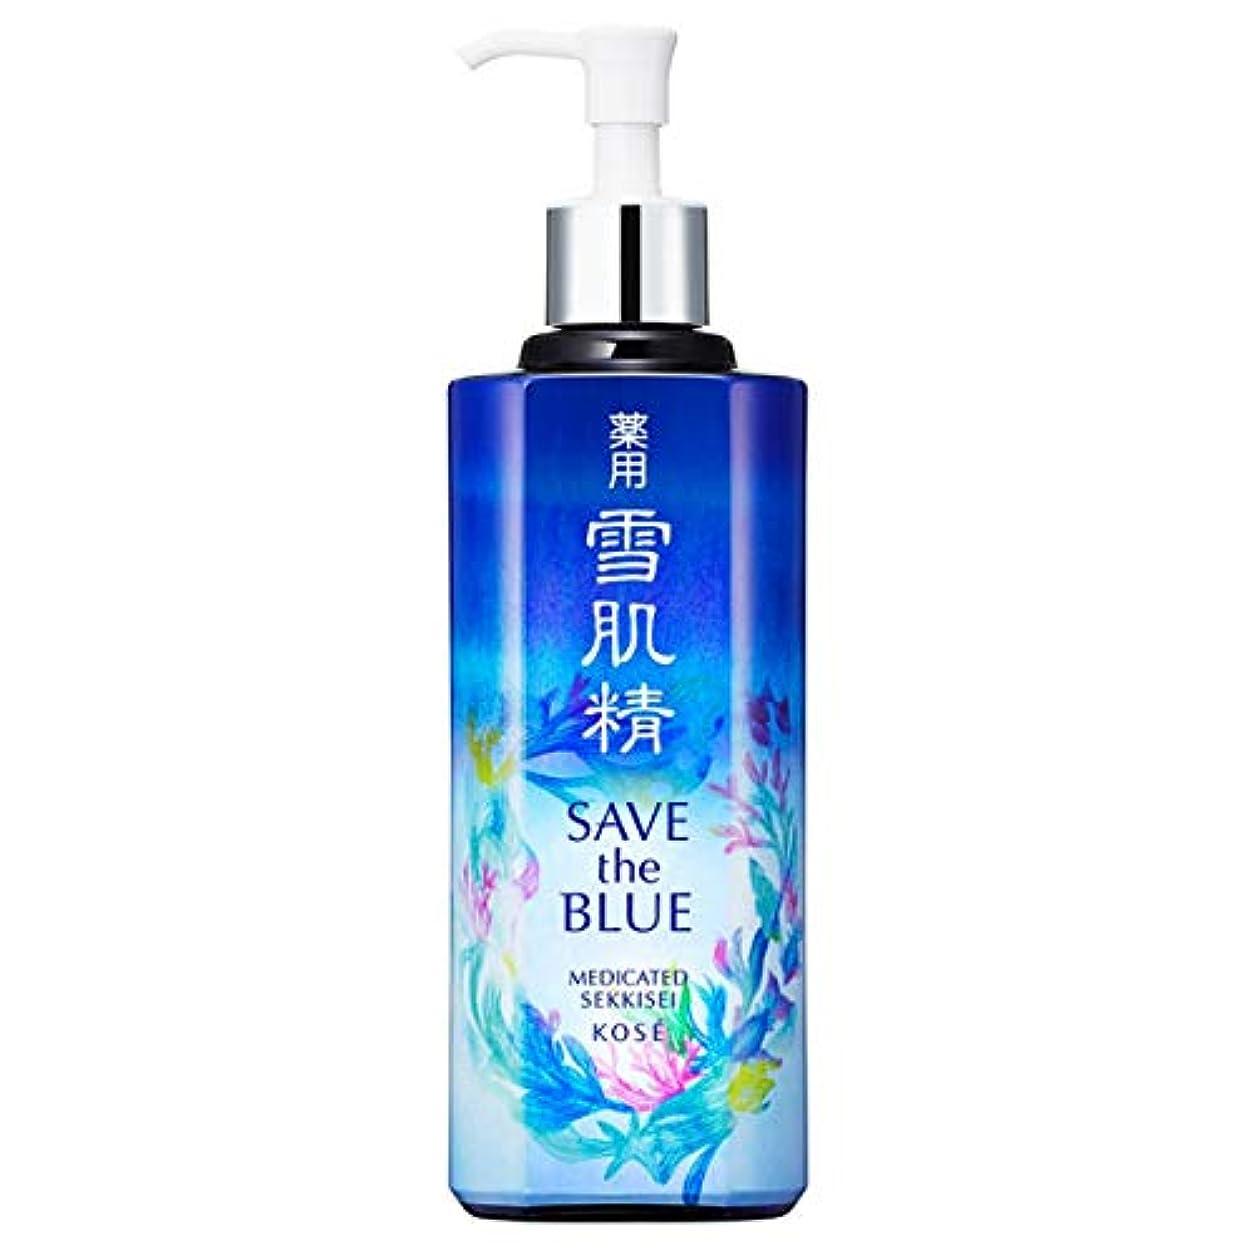 優れた付与贈り物コーセー 雪肌精 化粧水 「SAVE the BLUE」デザインボトル(みずみずしいタイプ) 500ml【限定】